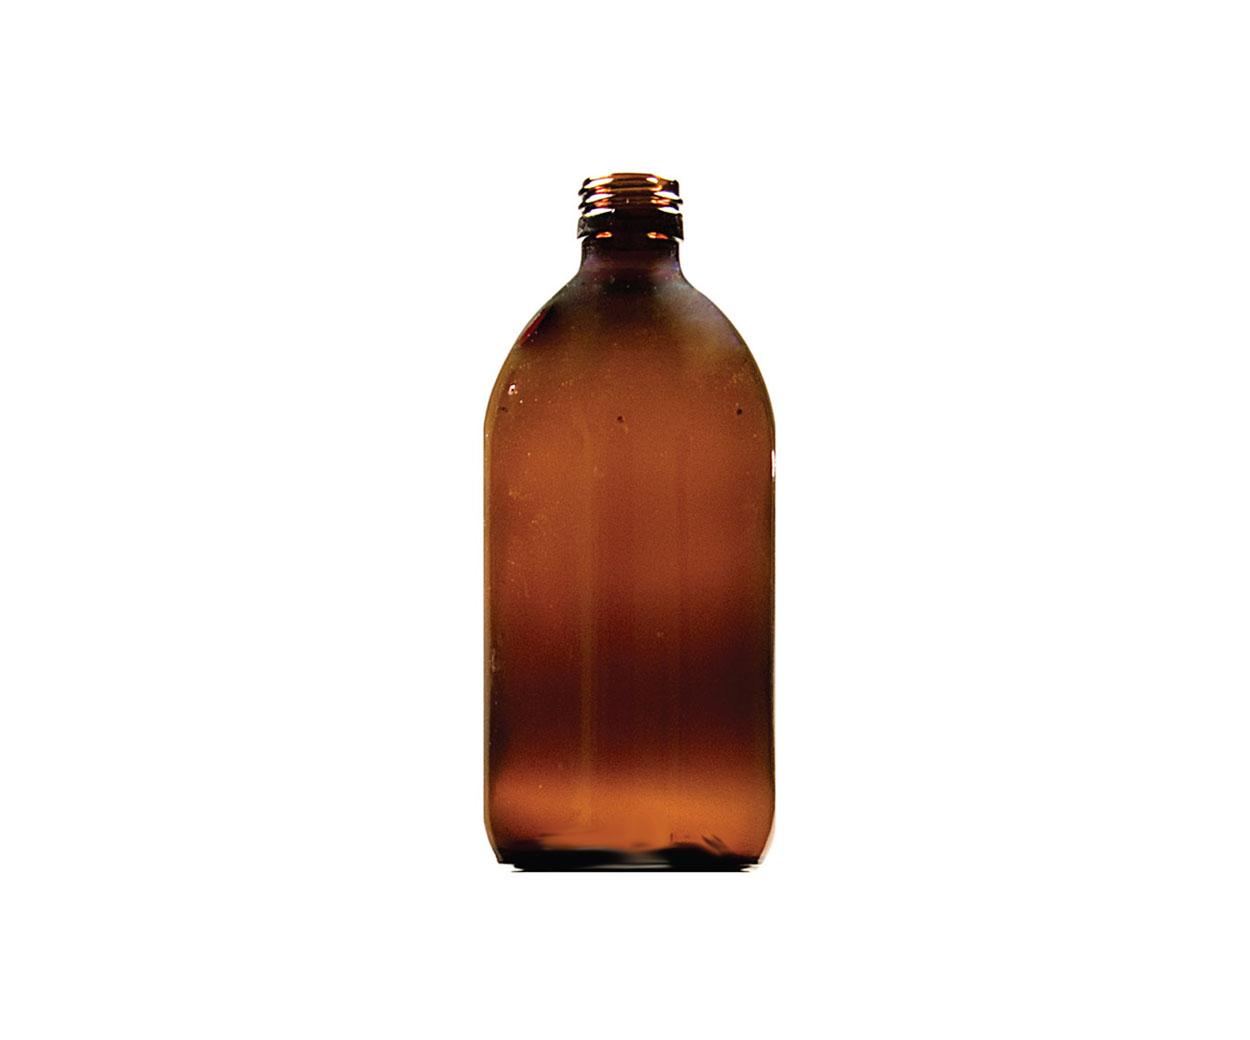 Lightweight 150ml Round Glass Medicine Bottle - Pack of 84